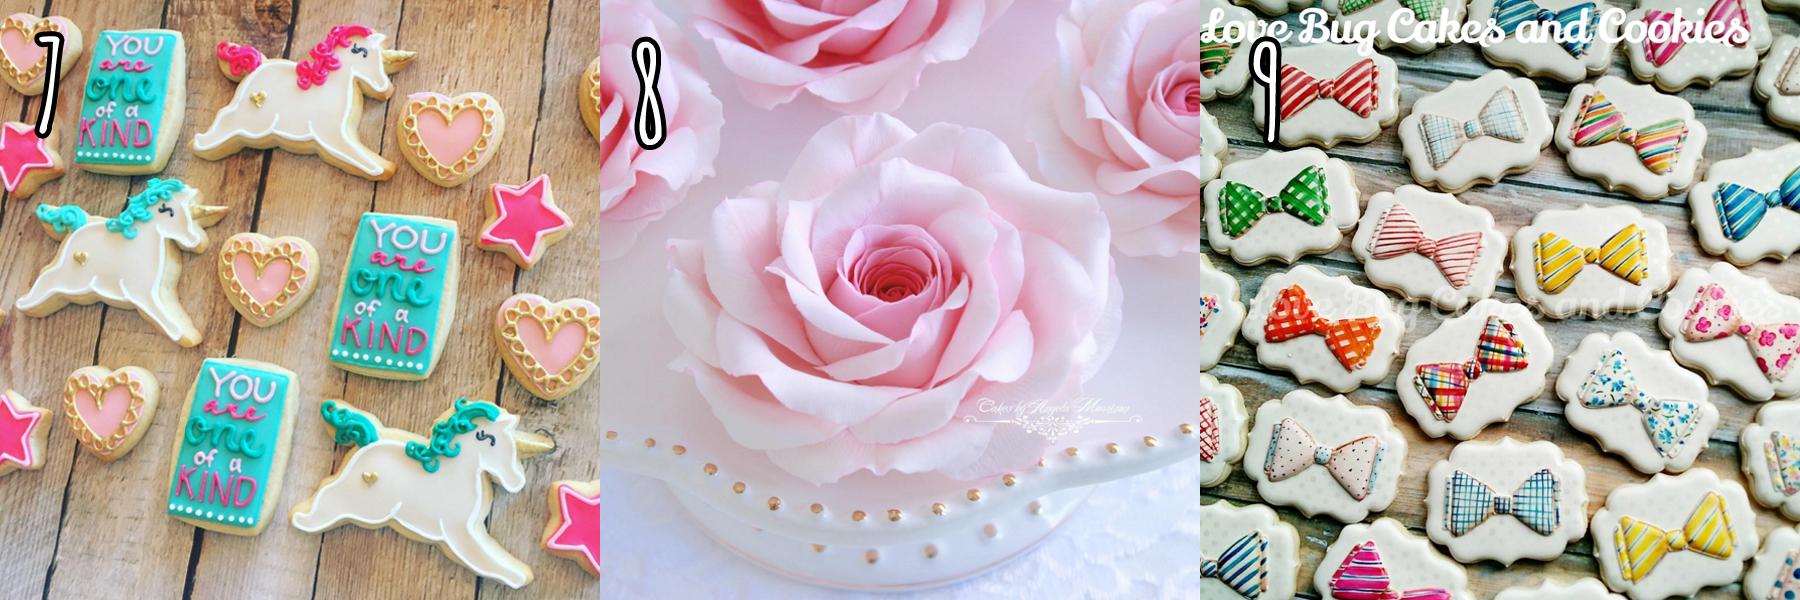 cukiereczki ciasteczka muszki jednorożce róża z masy cukrowej